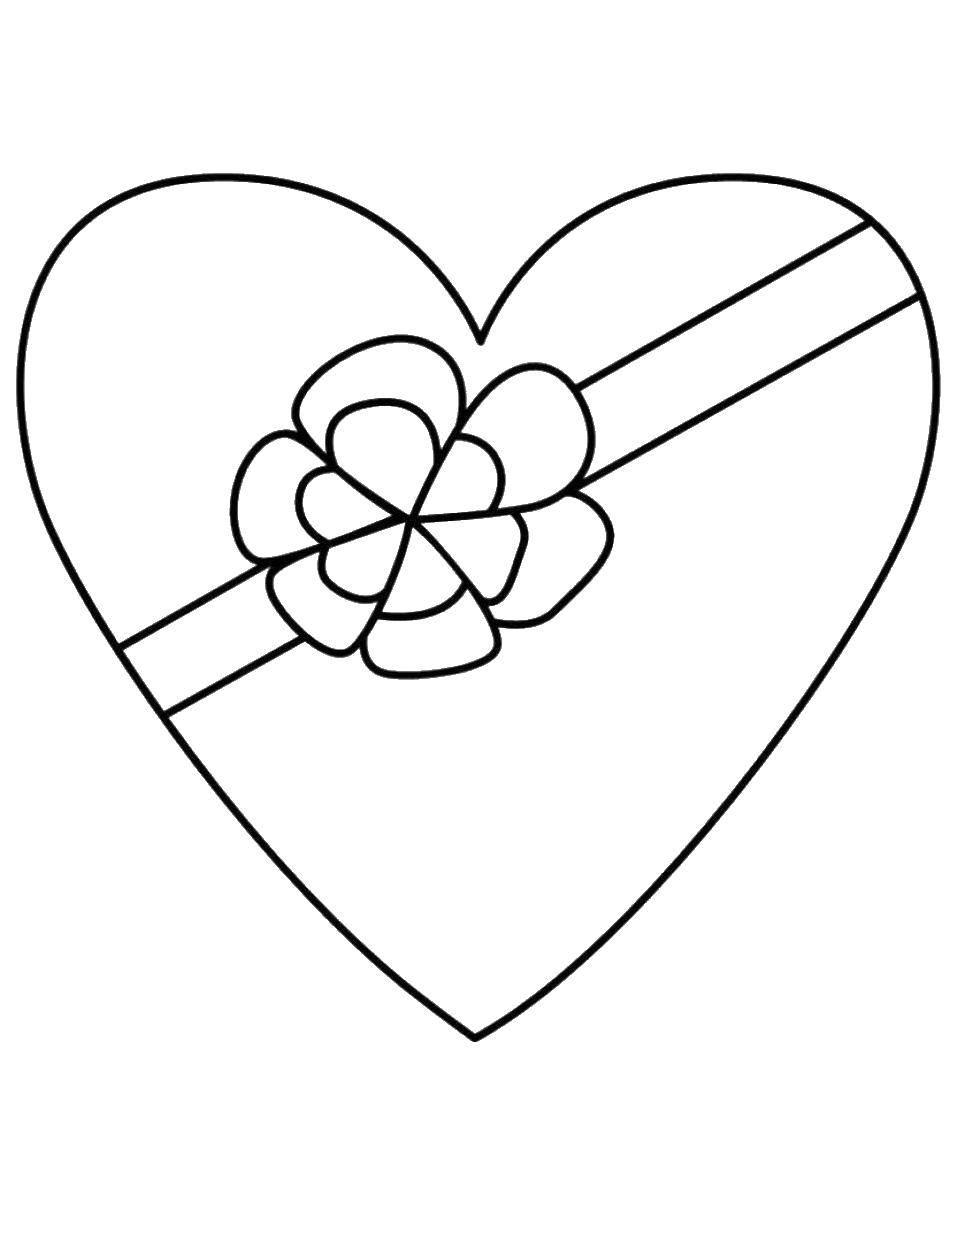 Сердечки картинки для раскрашивания